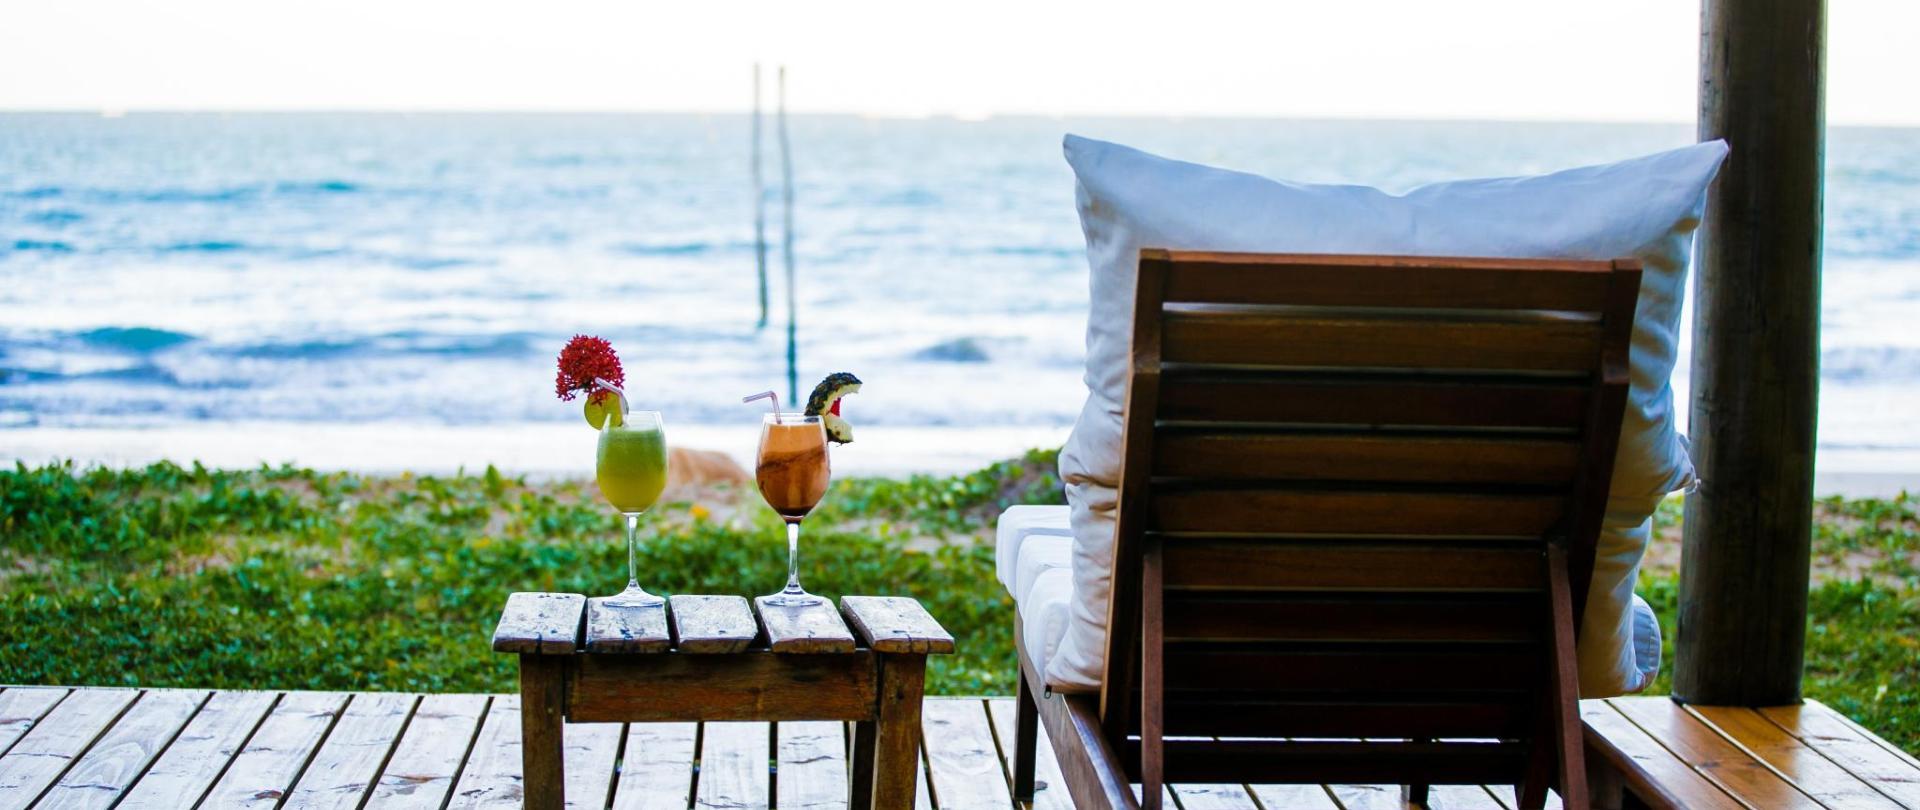 Drink caramanchao vista mar.jpg